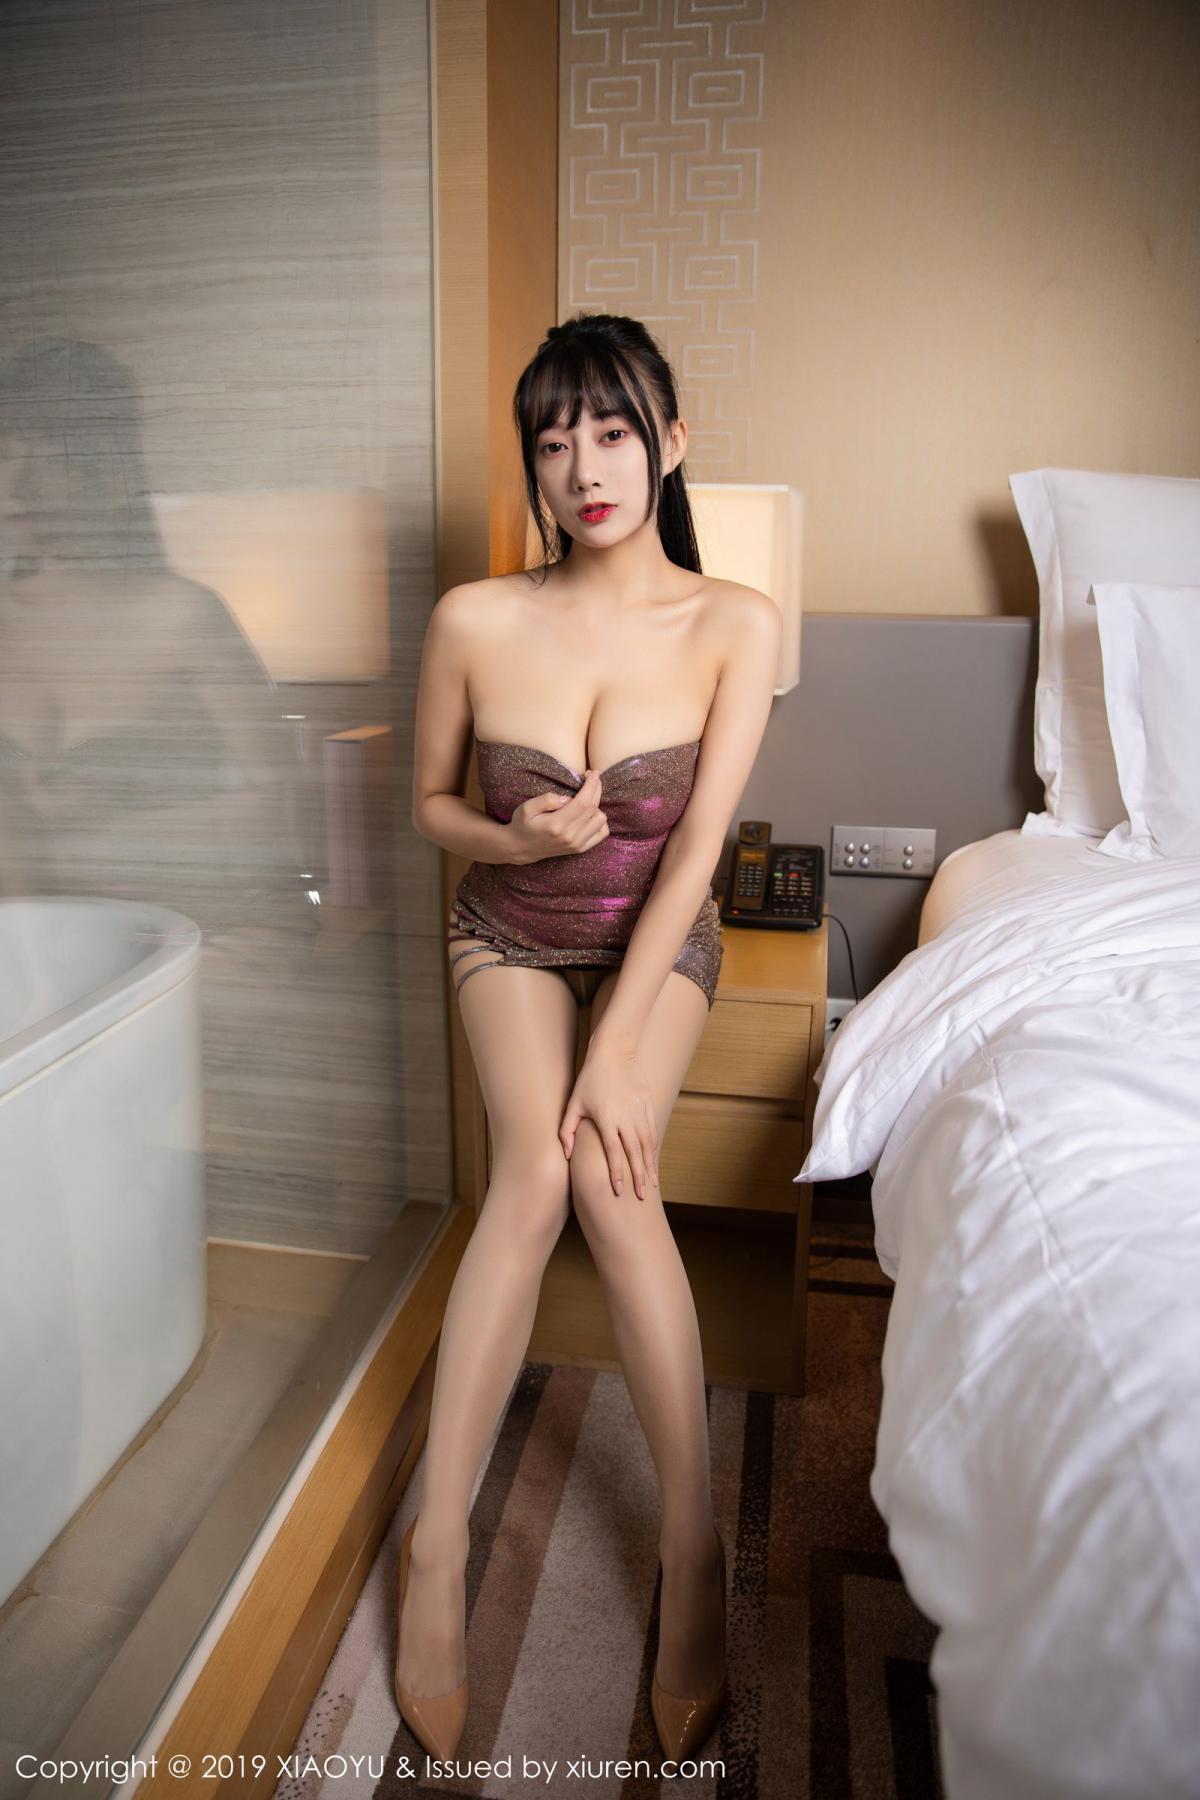 [XiaoYu] Vol.159 He Jia Ying 18P, He Jia Ying, Tall, XiaoYu